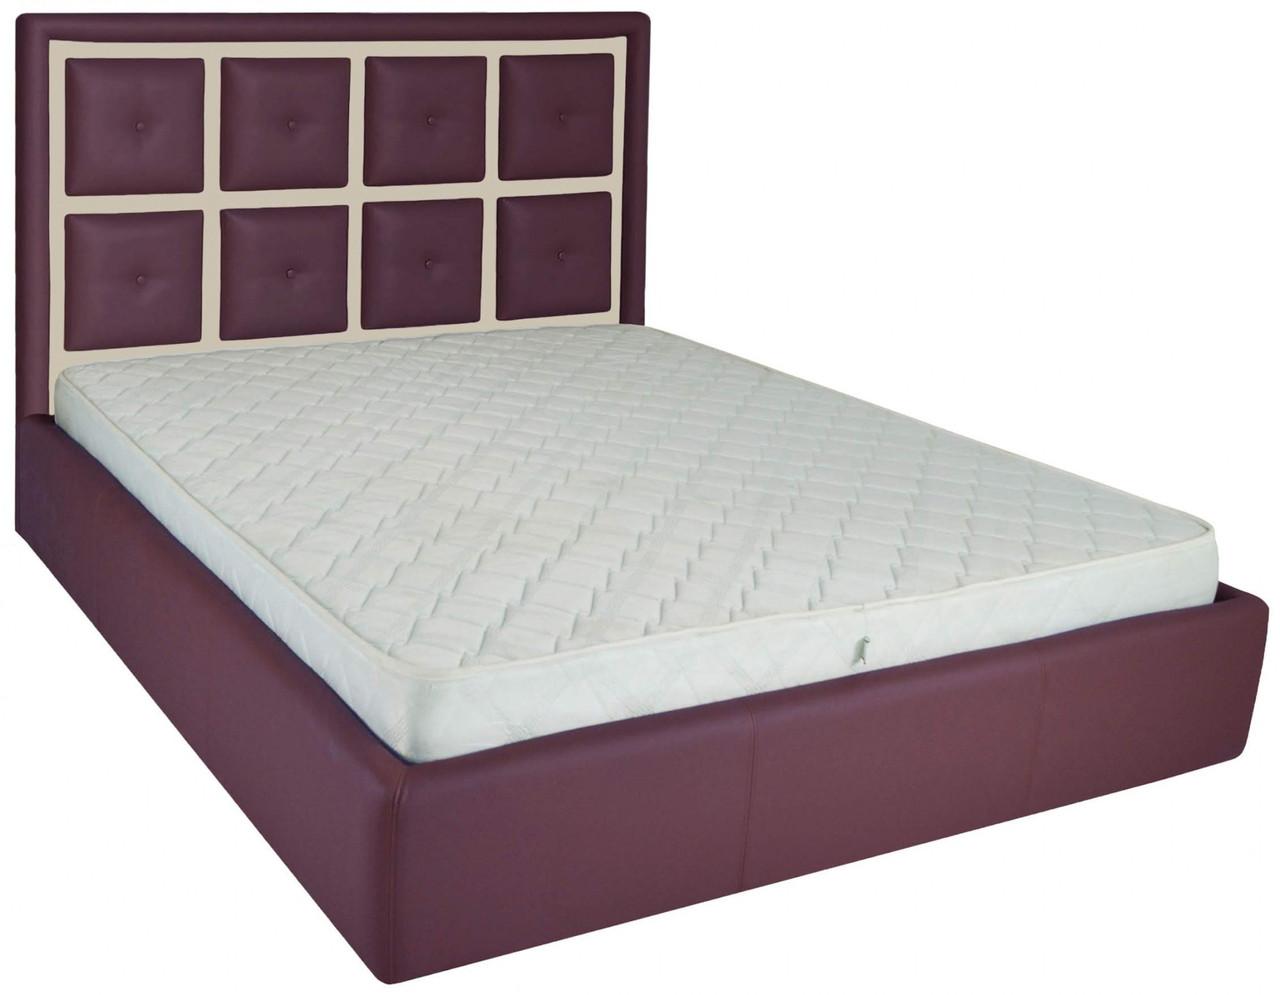 Кровать Windsor Comfort 140 х 190 см Fly 2216/2207 С подъемным механизмом и нишей для белья Фиолетовая+Бежевая